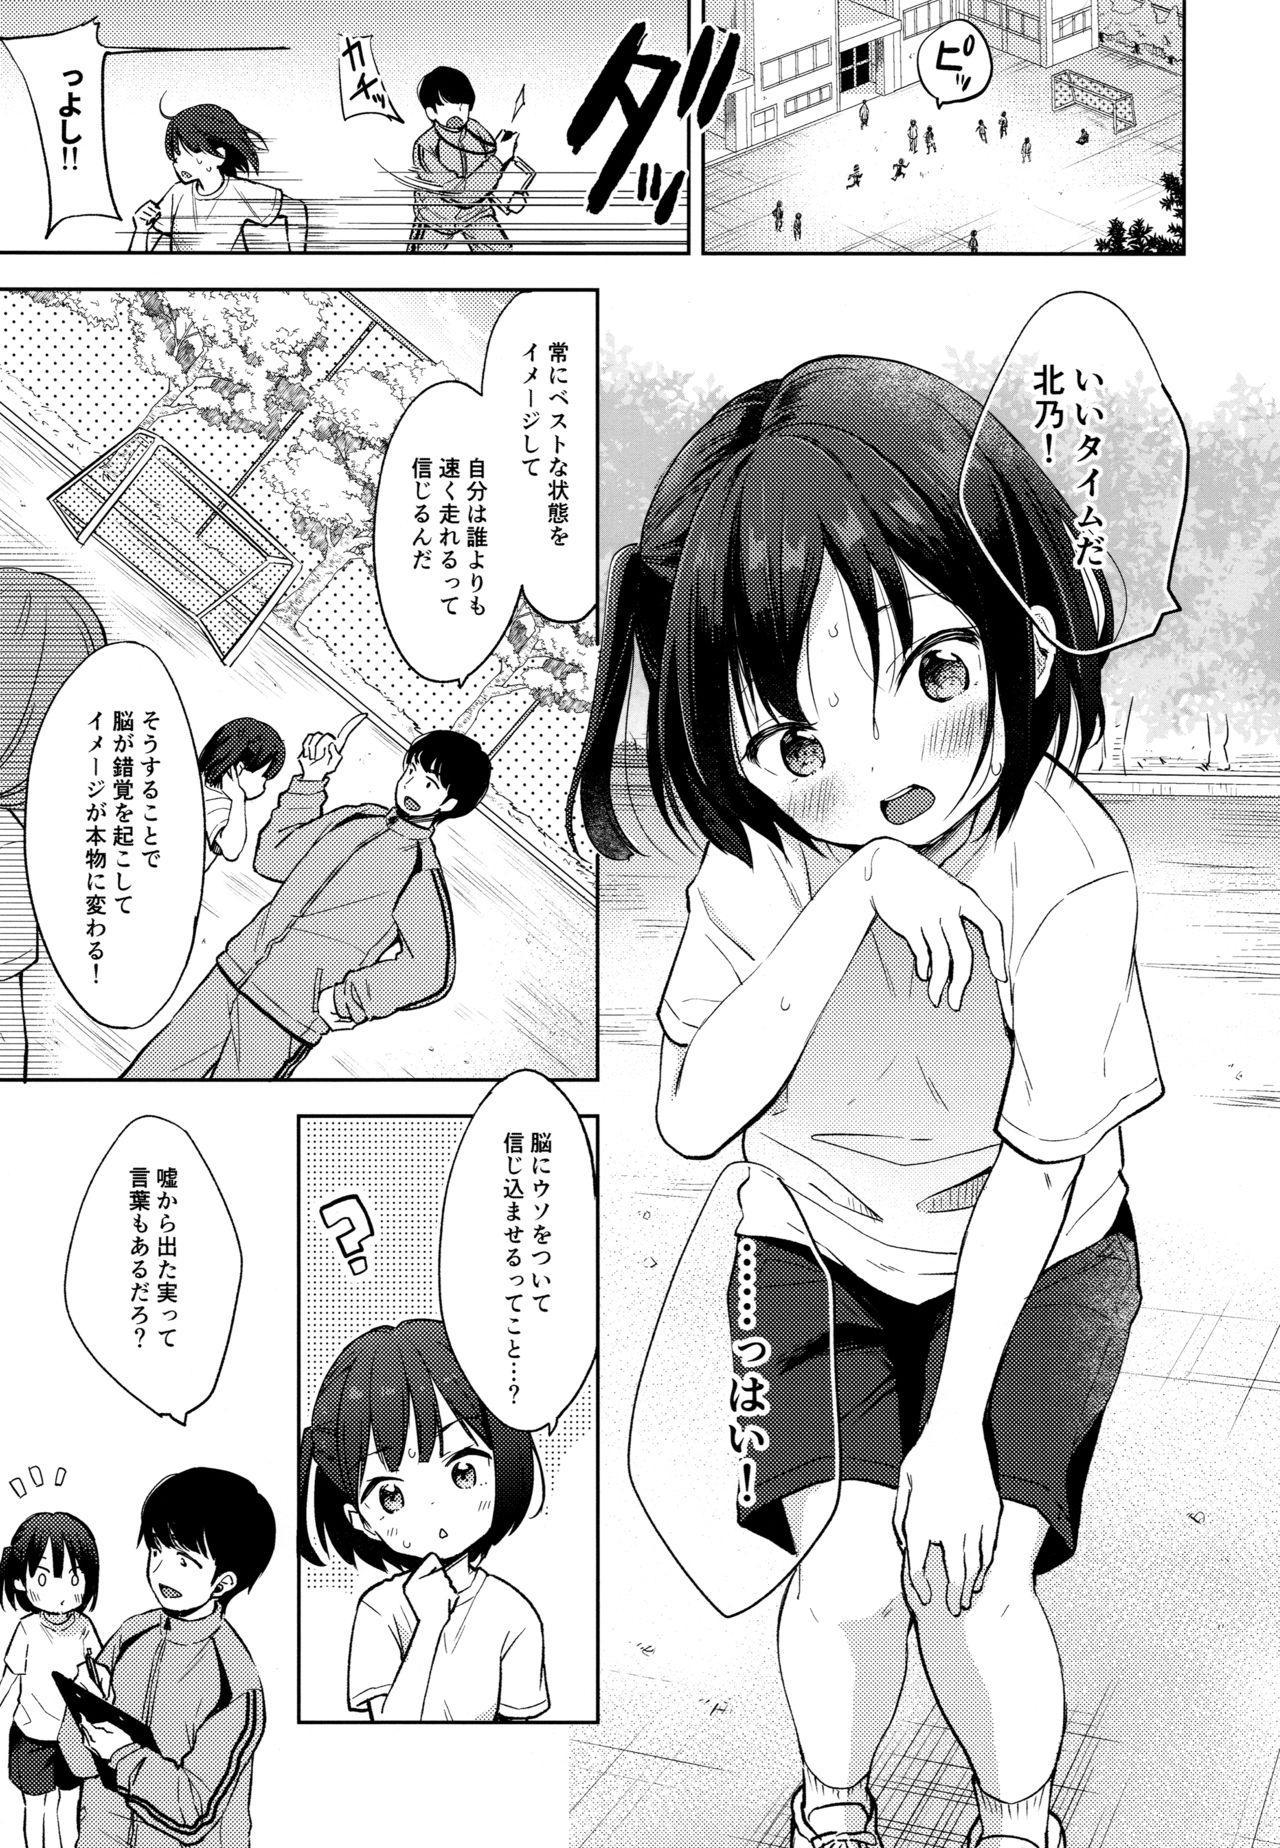 Boku no Kioku ga Oshiego ni Gisousarete Shimaimashita 3